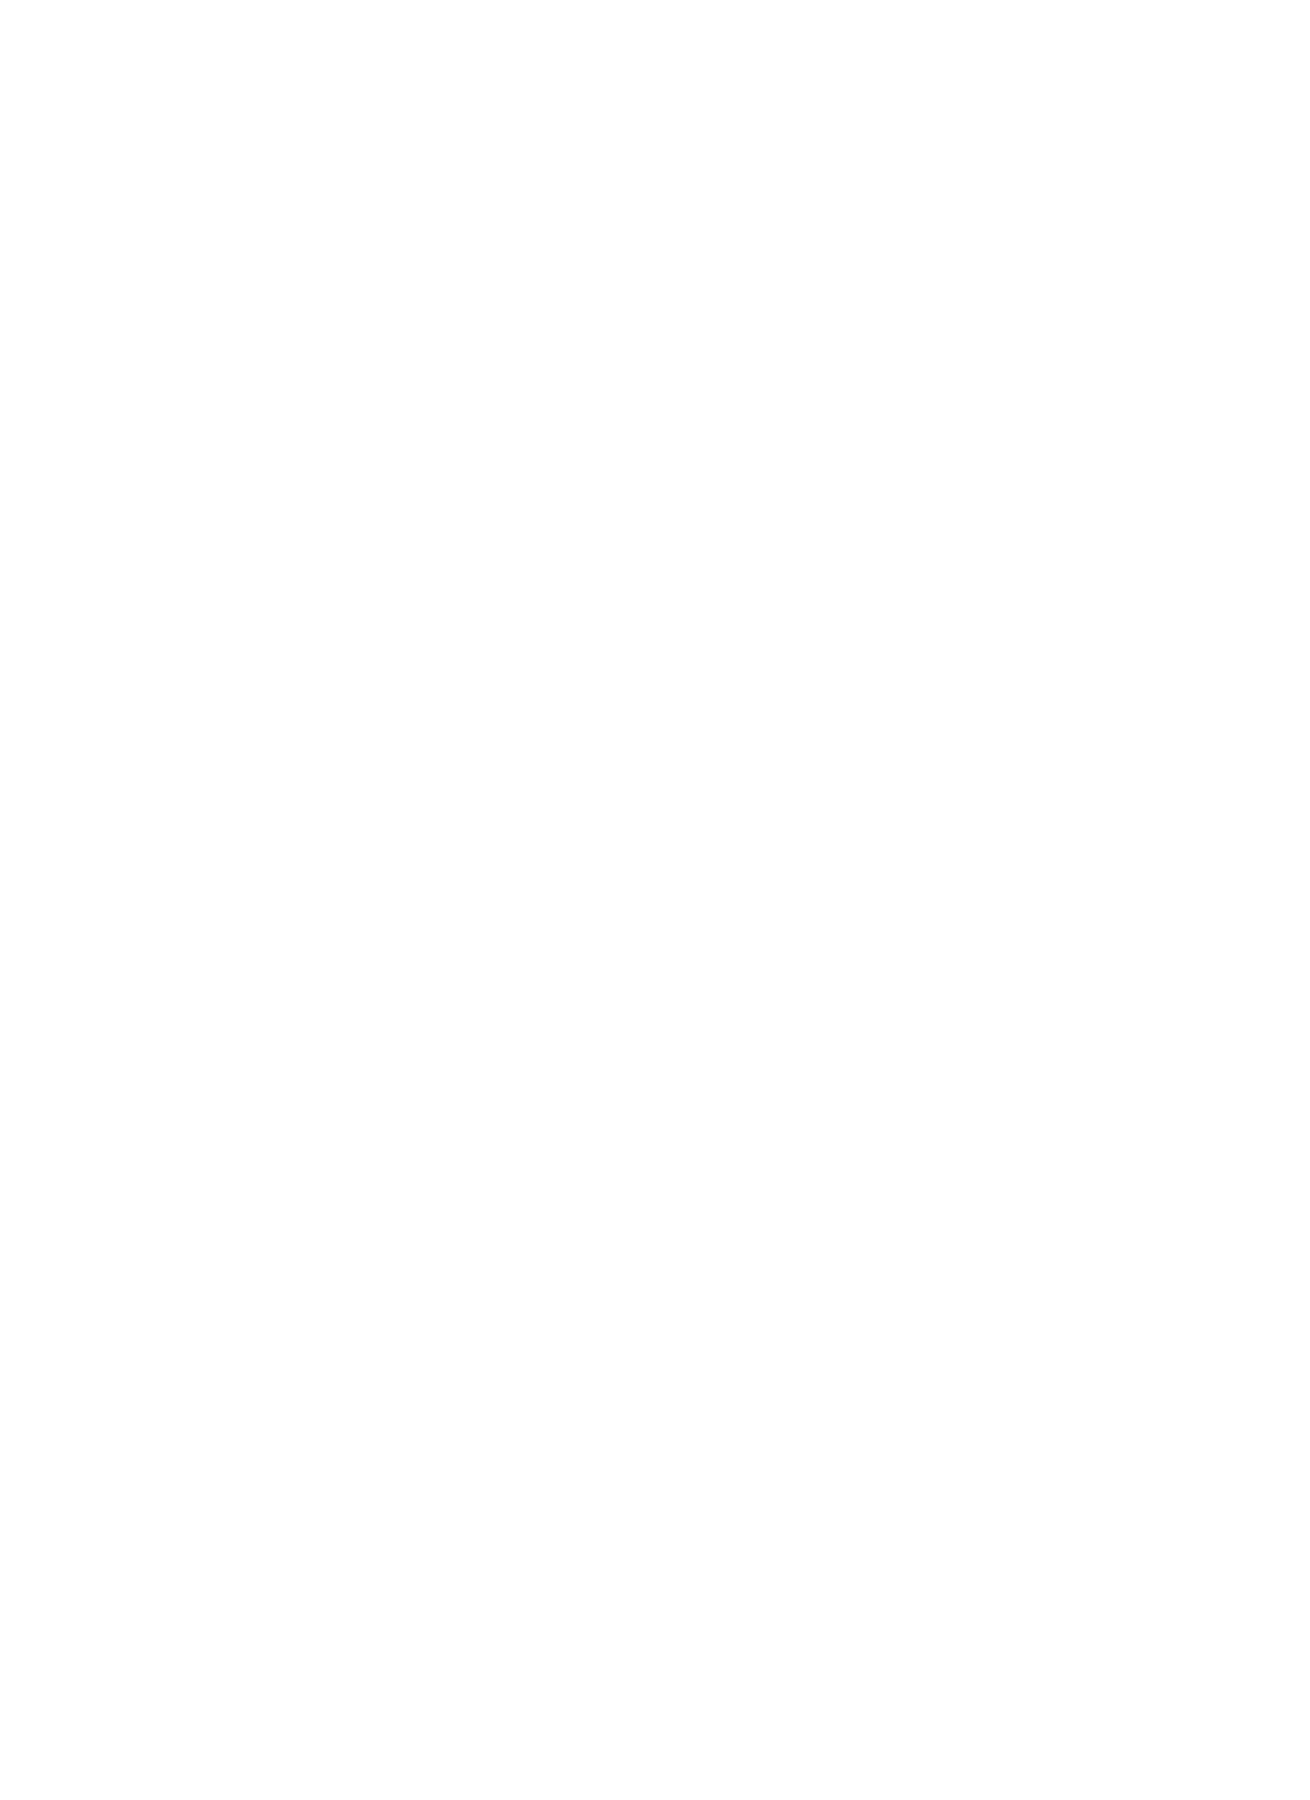 Tränen der Freude Film / TdF